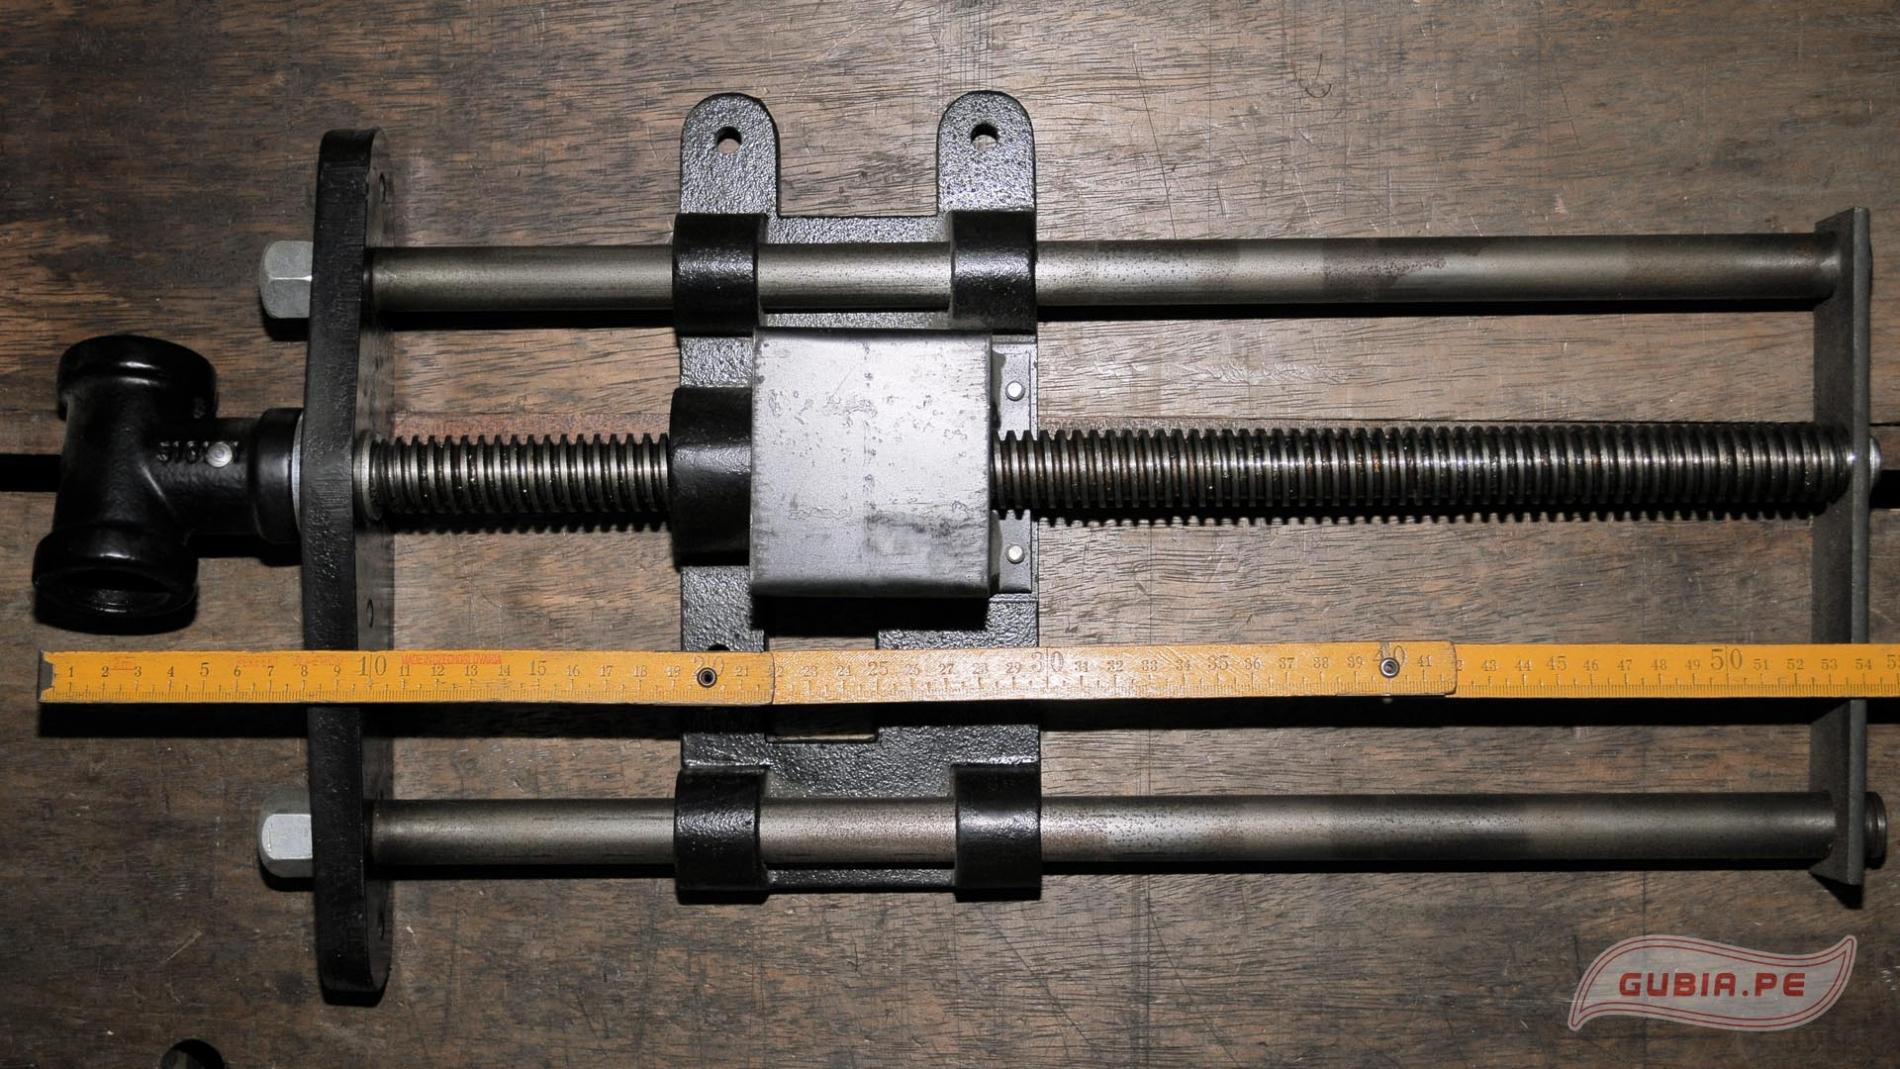 HVQ 516-Prensa de banco carpintero sujeción rápida York HVQ 516-max-3.